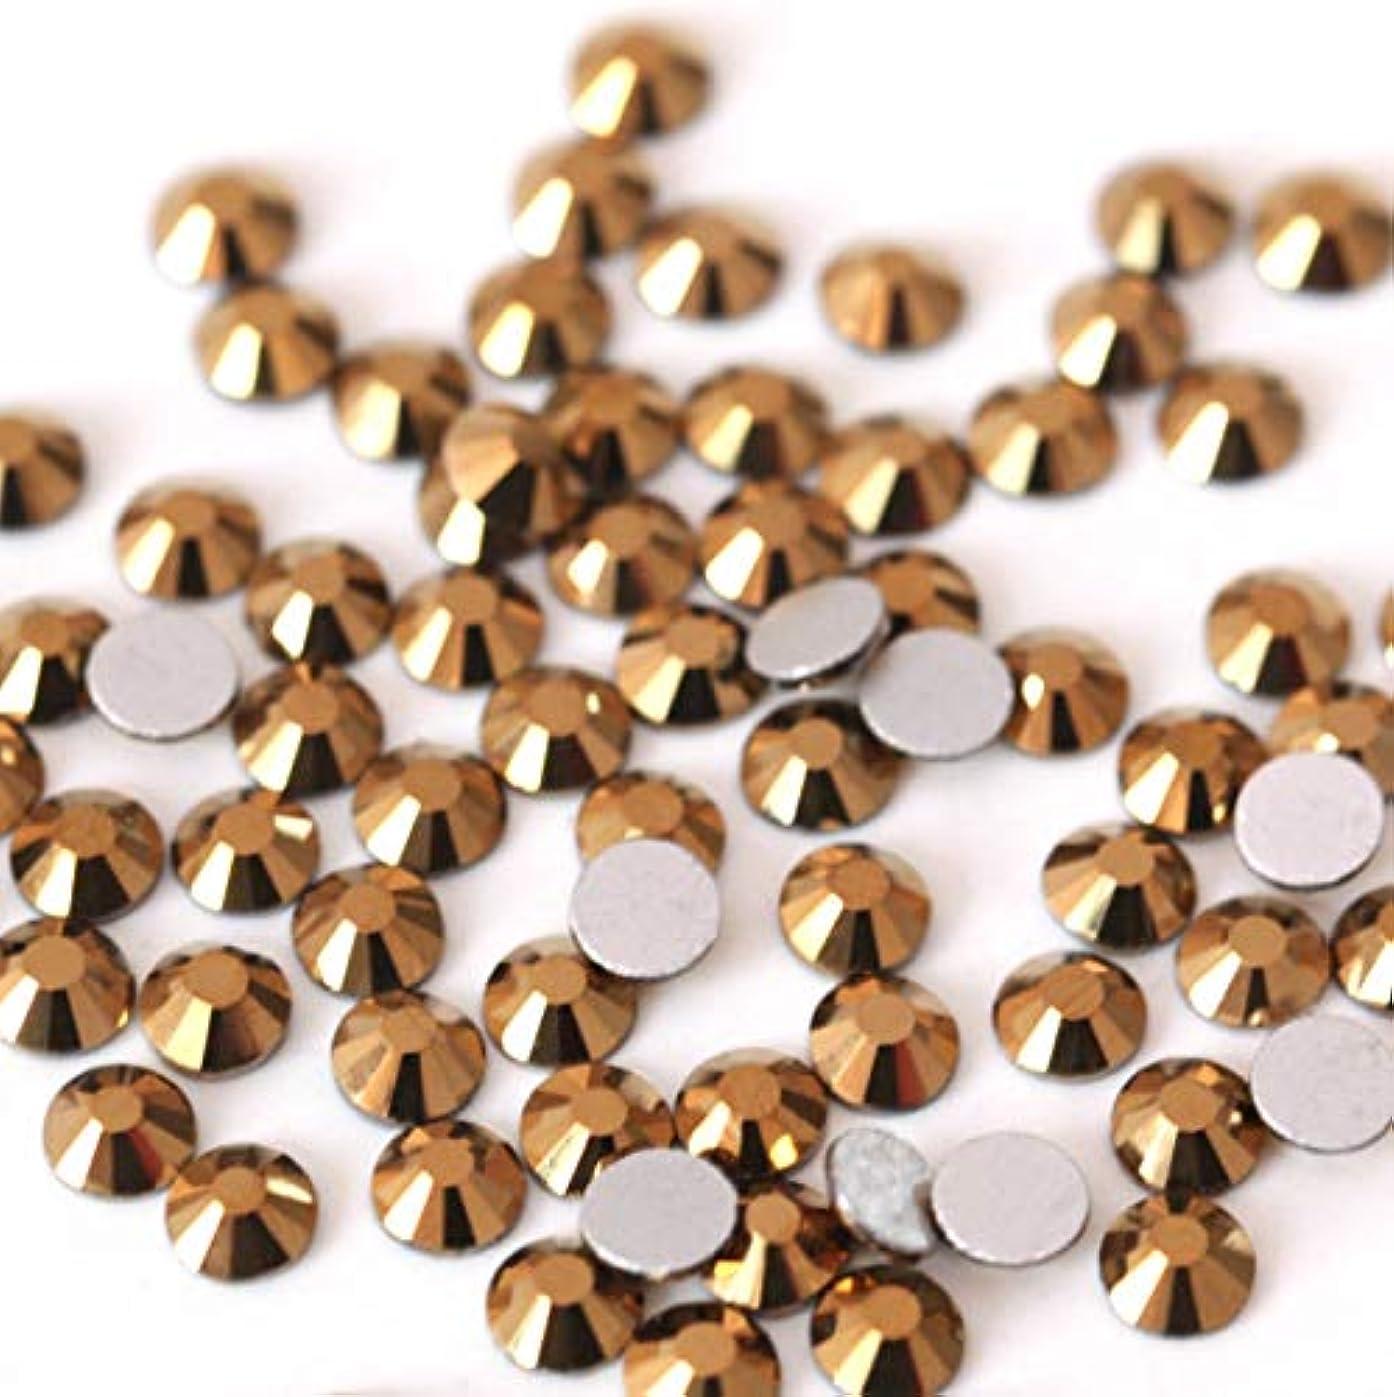 まばたき硬化する超越する【ラインストーン77】 ガラス製ラインストーン ゴールドマイン 各サイズ選択可能 スワロフスキー同等 (SS30 約45粒)